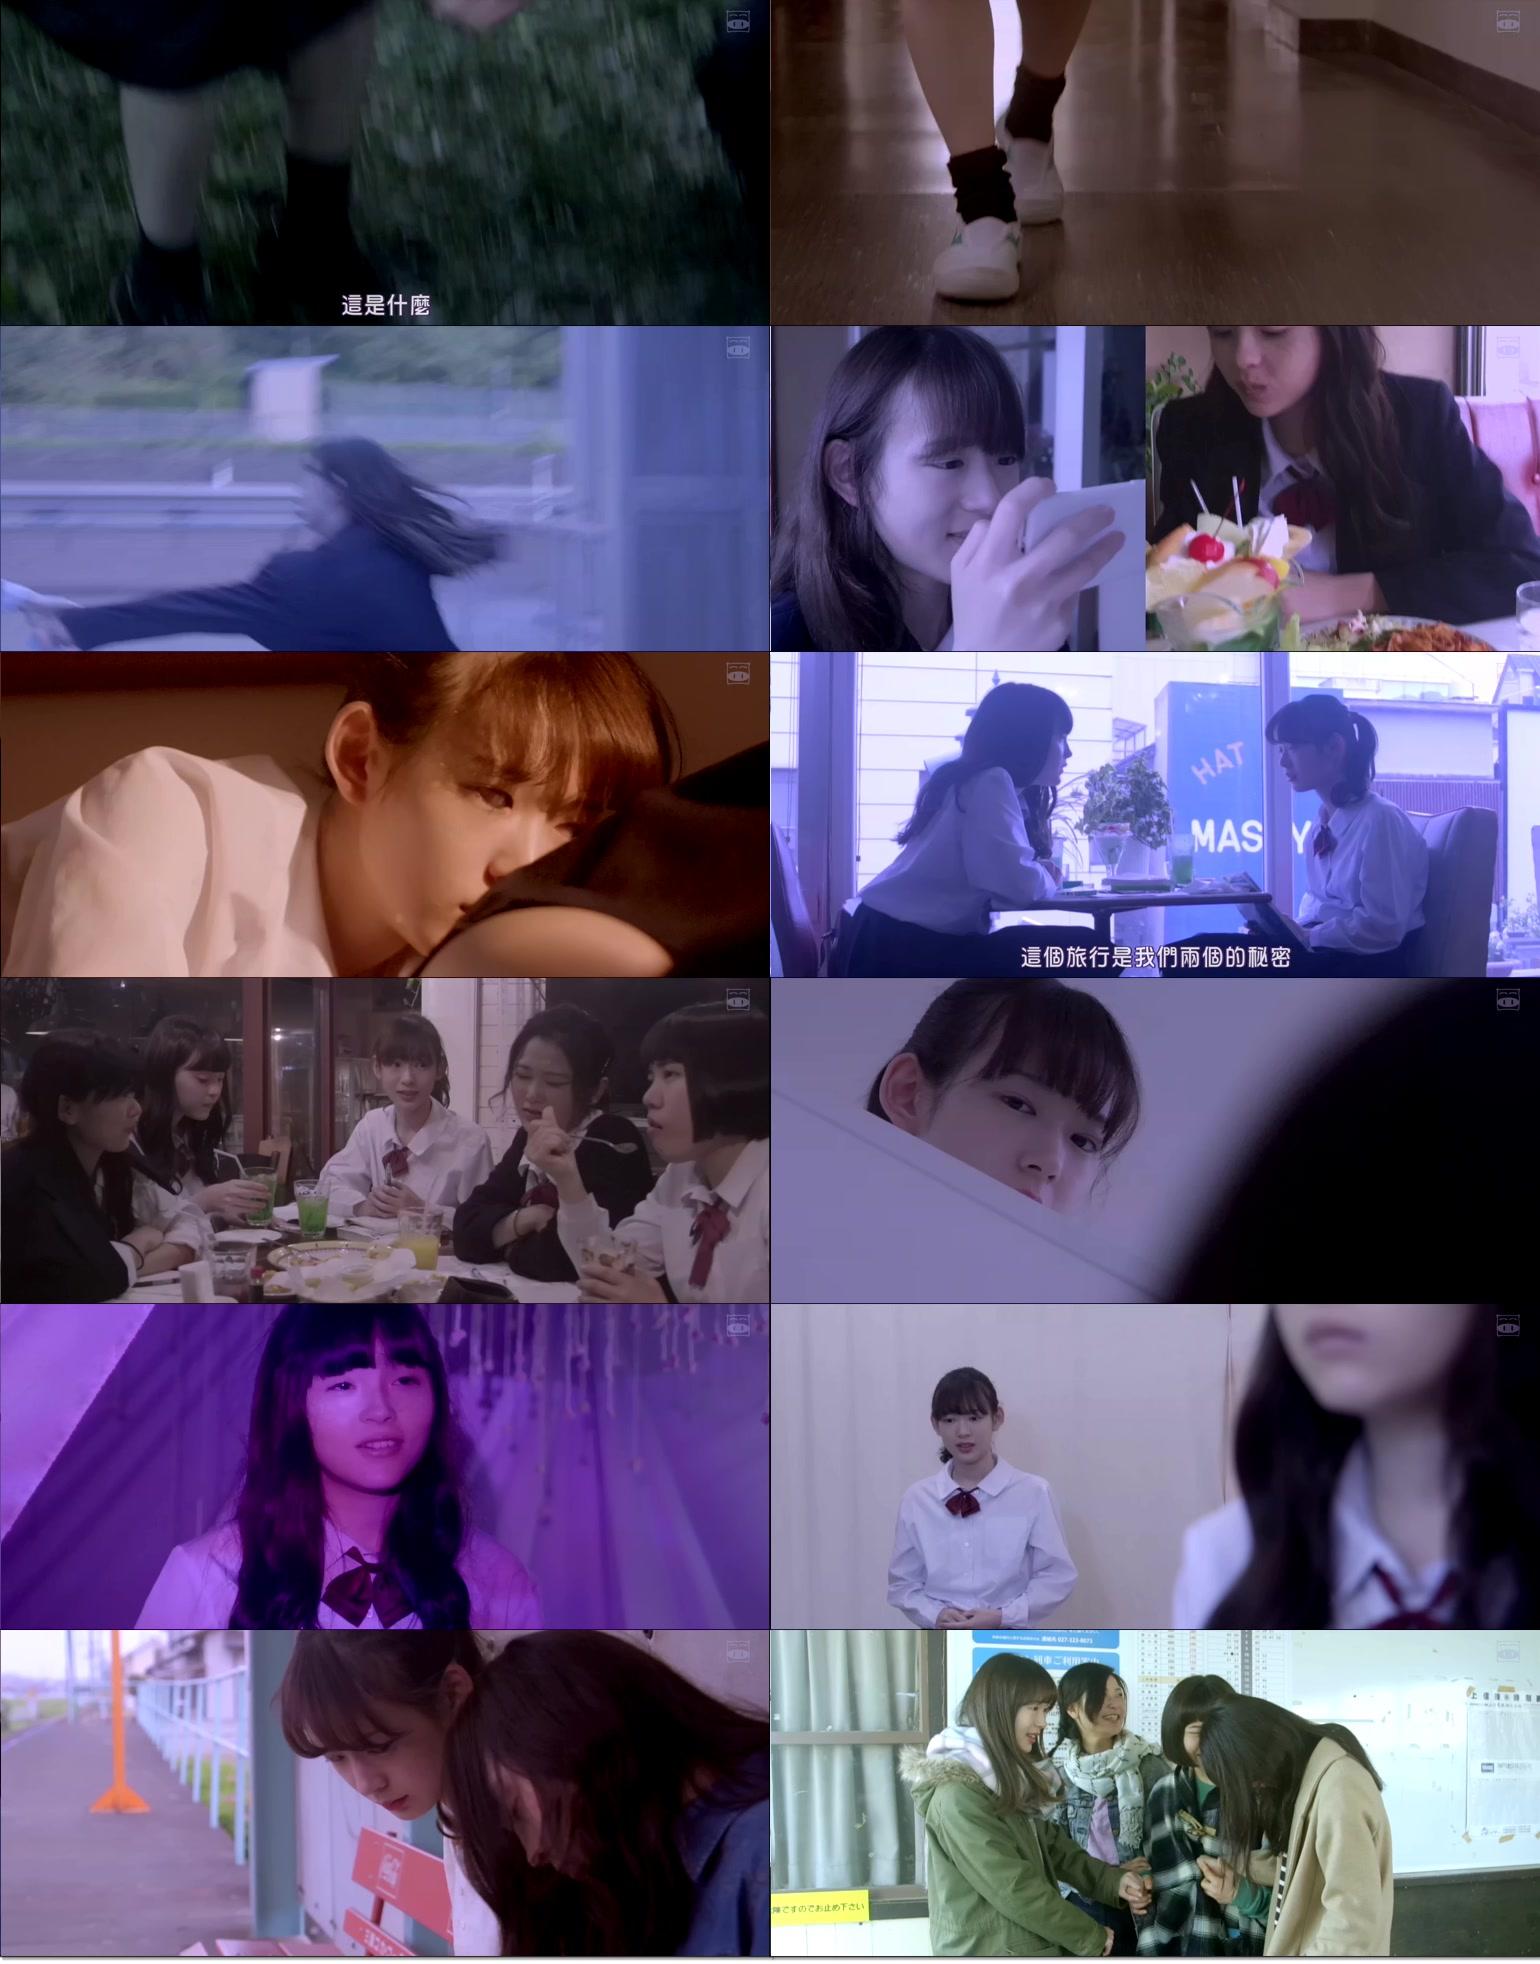 這邊是[日]少女邂逅Girls' Encounter.2018.HD-720p[MKV@1.5G@多空@繁中]圖片的自定義alt信息;546324,726884,haokuku,87